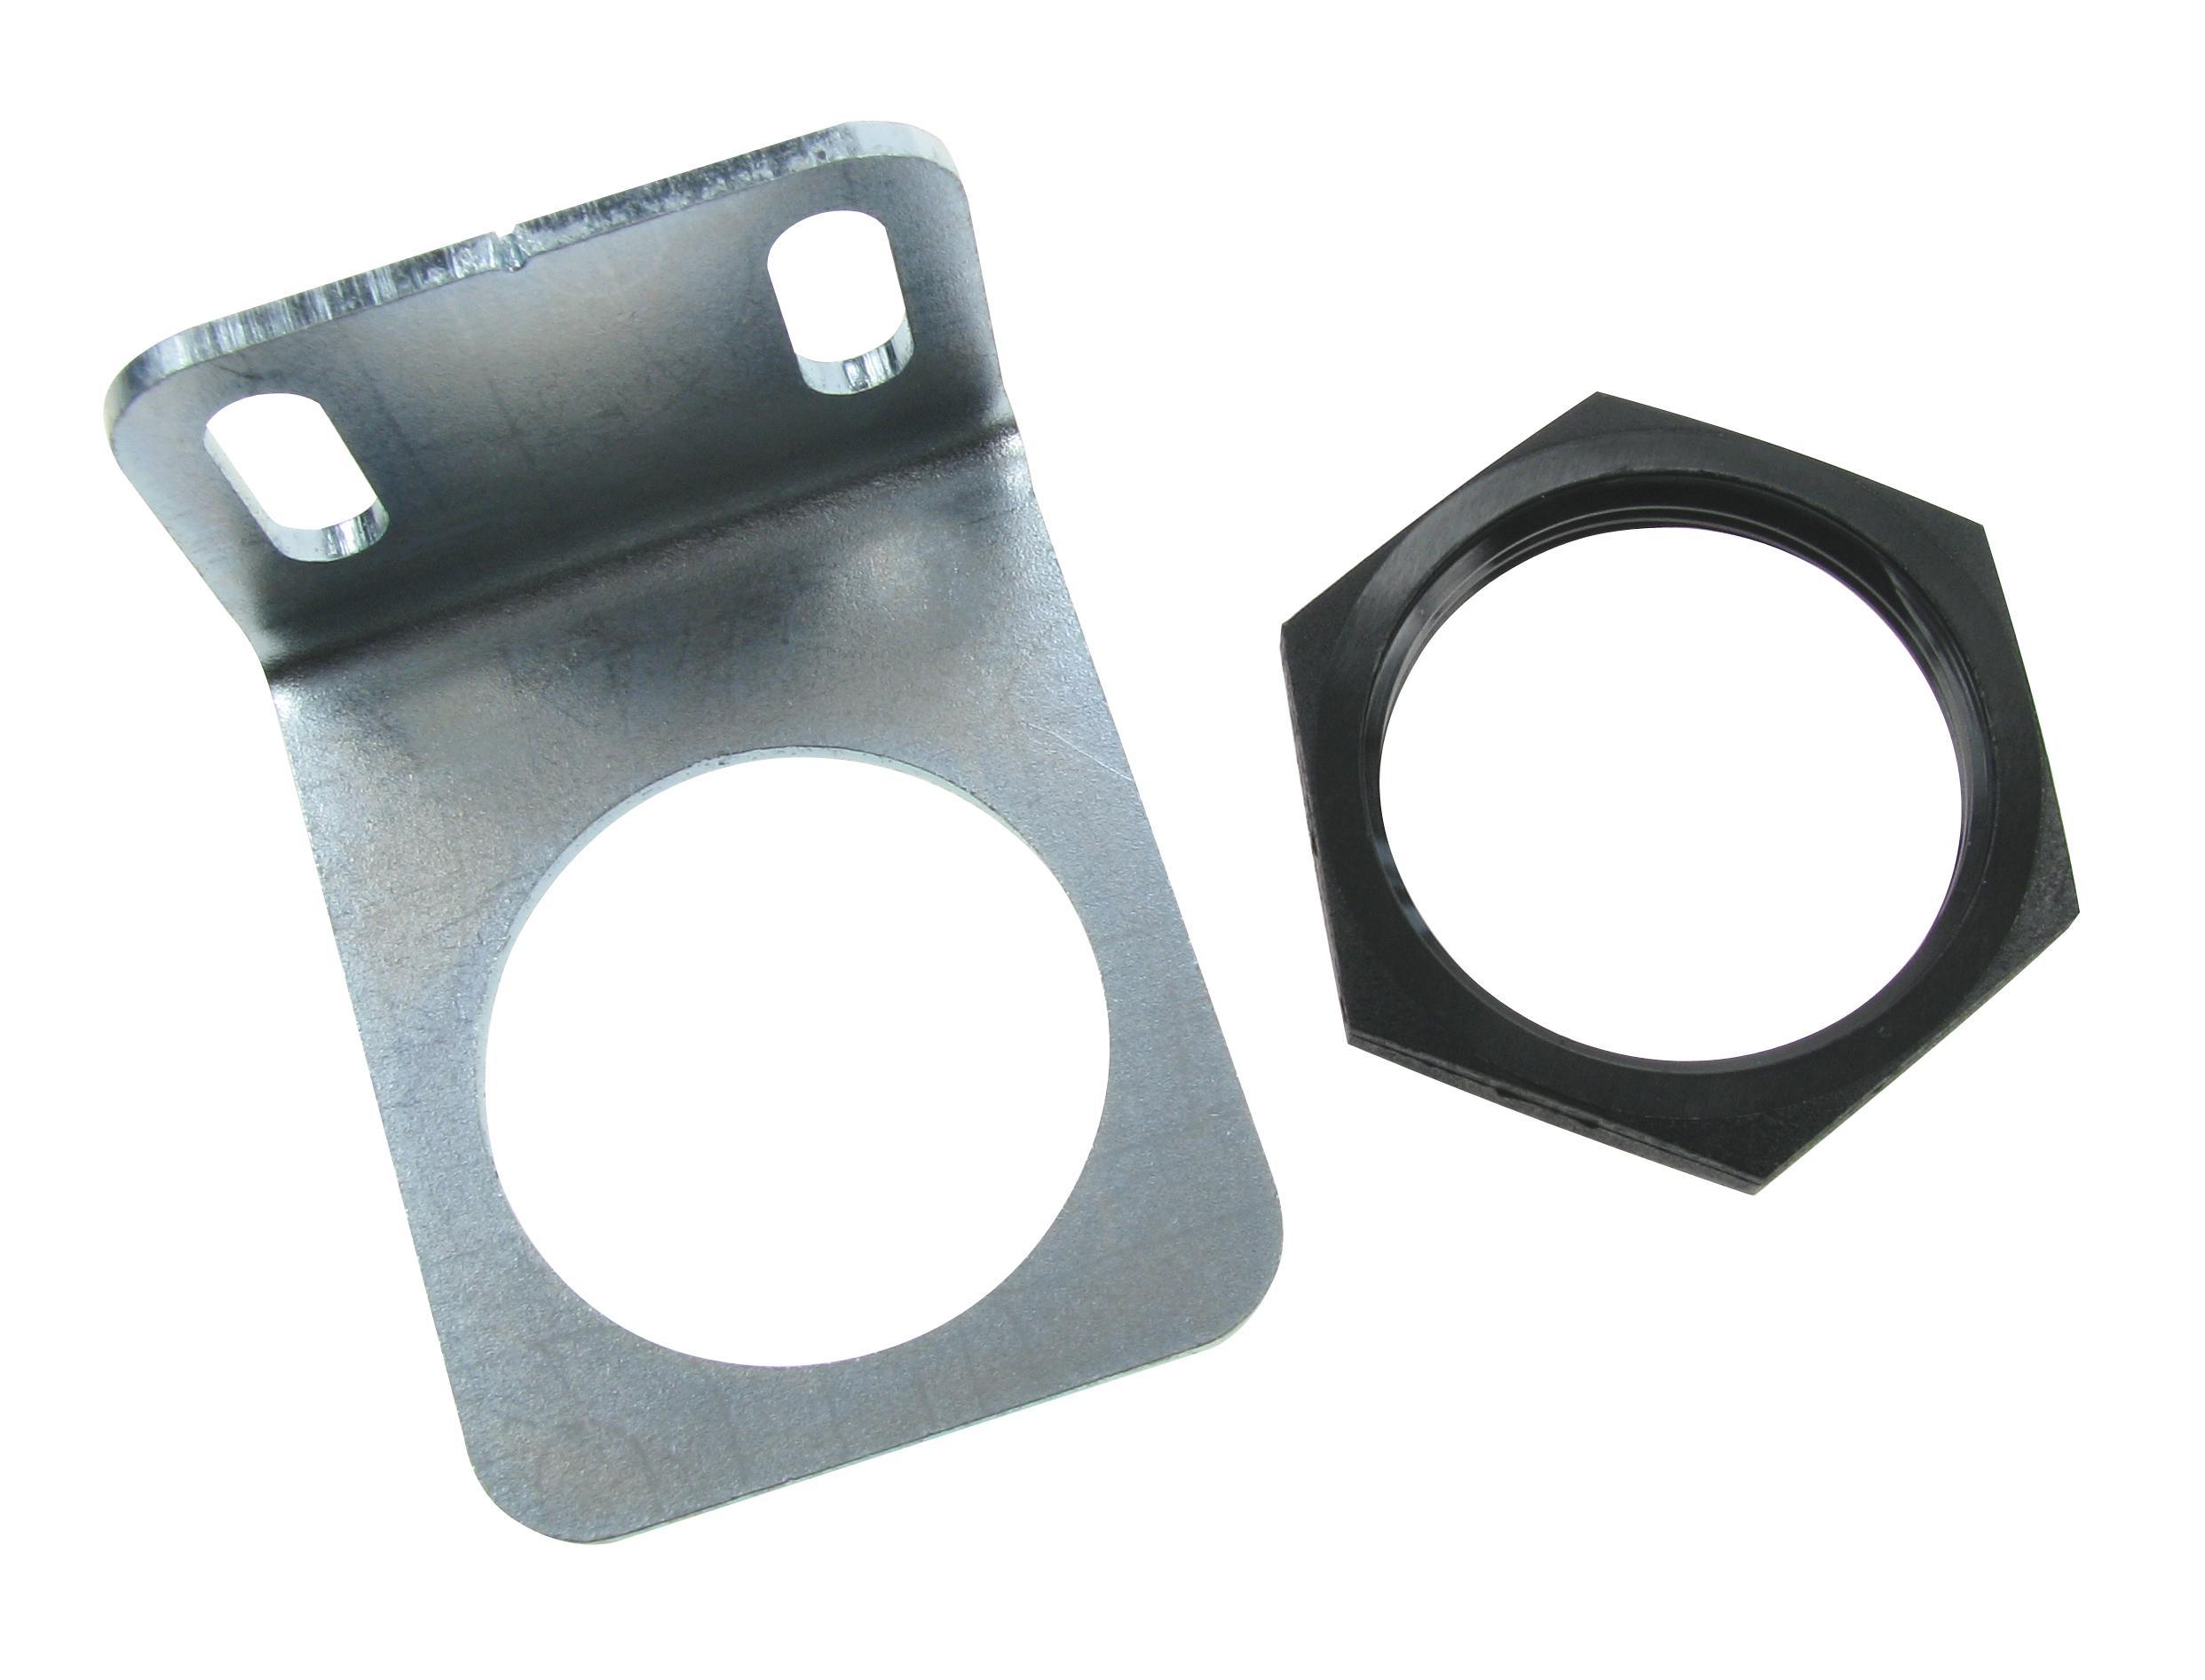 Wandhouder voor microfilter/drukregelaar